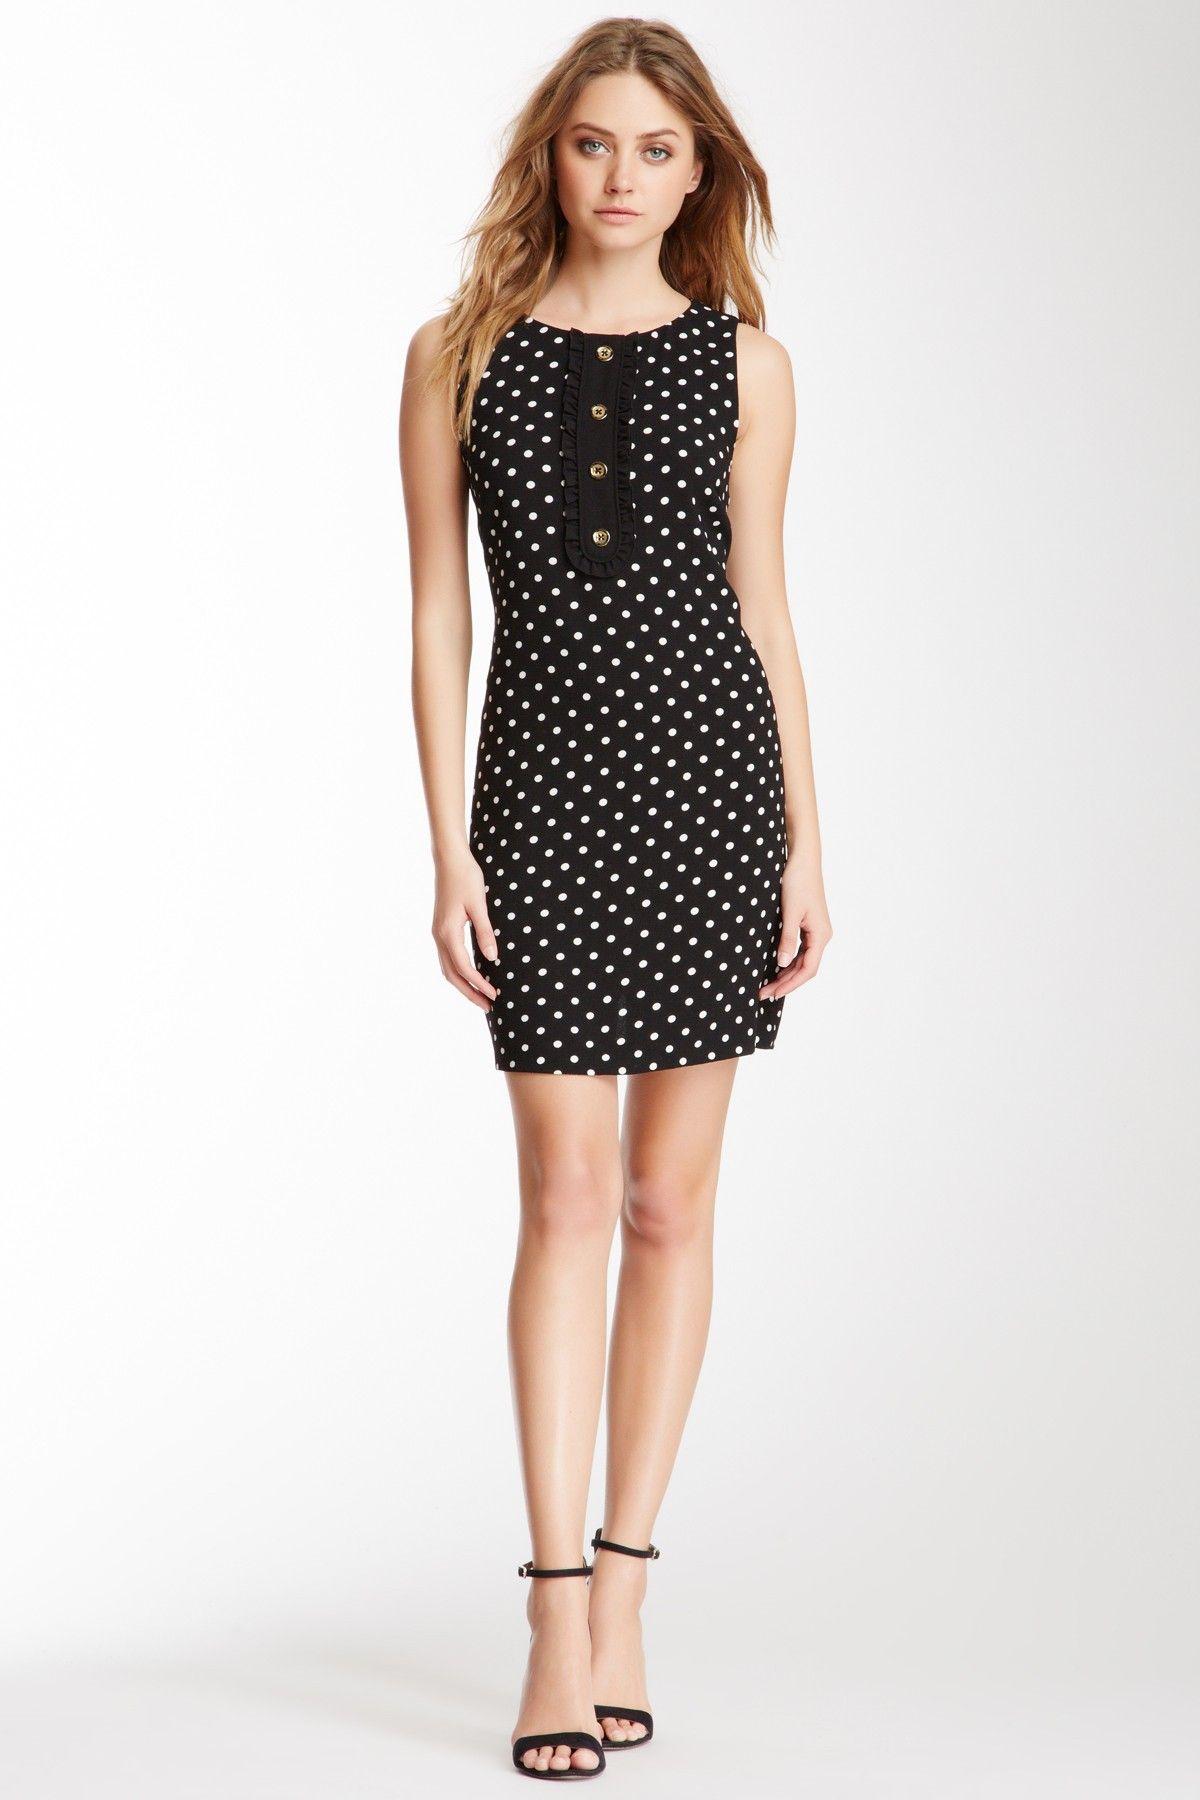 Juicy Couture Shoreham Dot Dress